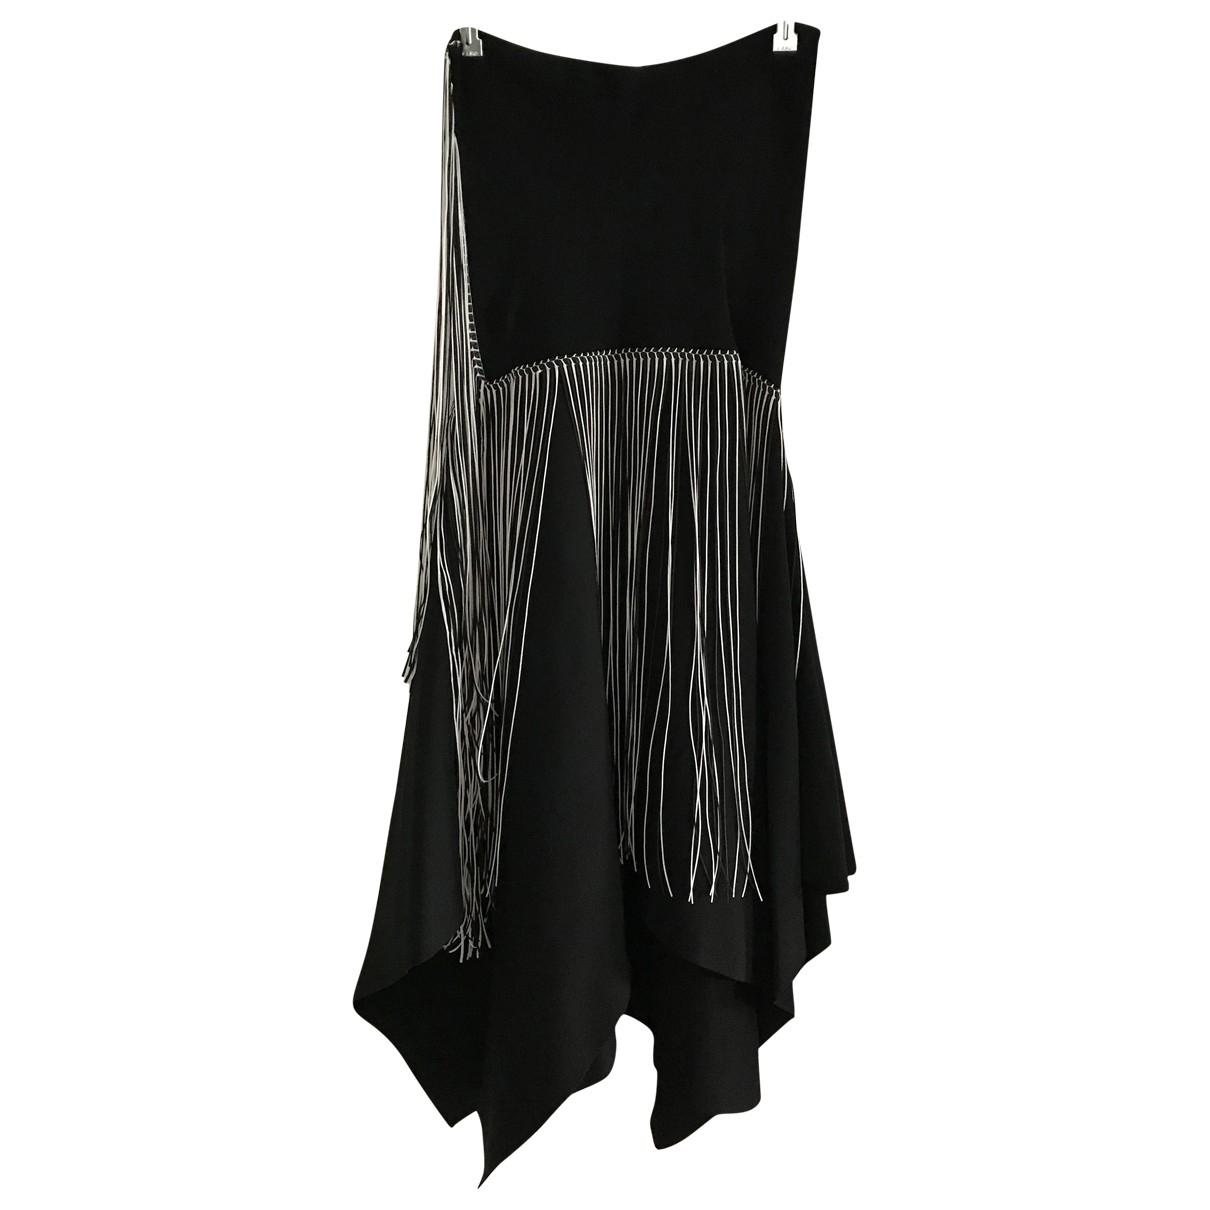 Zara \N Multicolour Cotton - elasthane skirt for Women L International